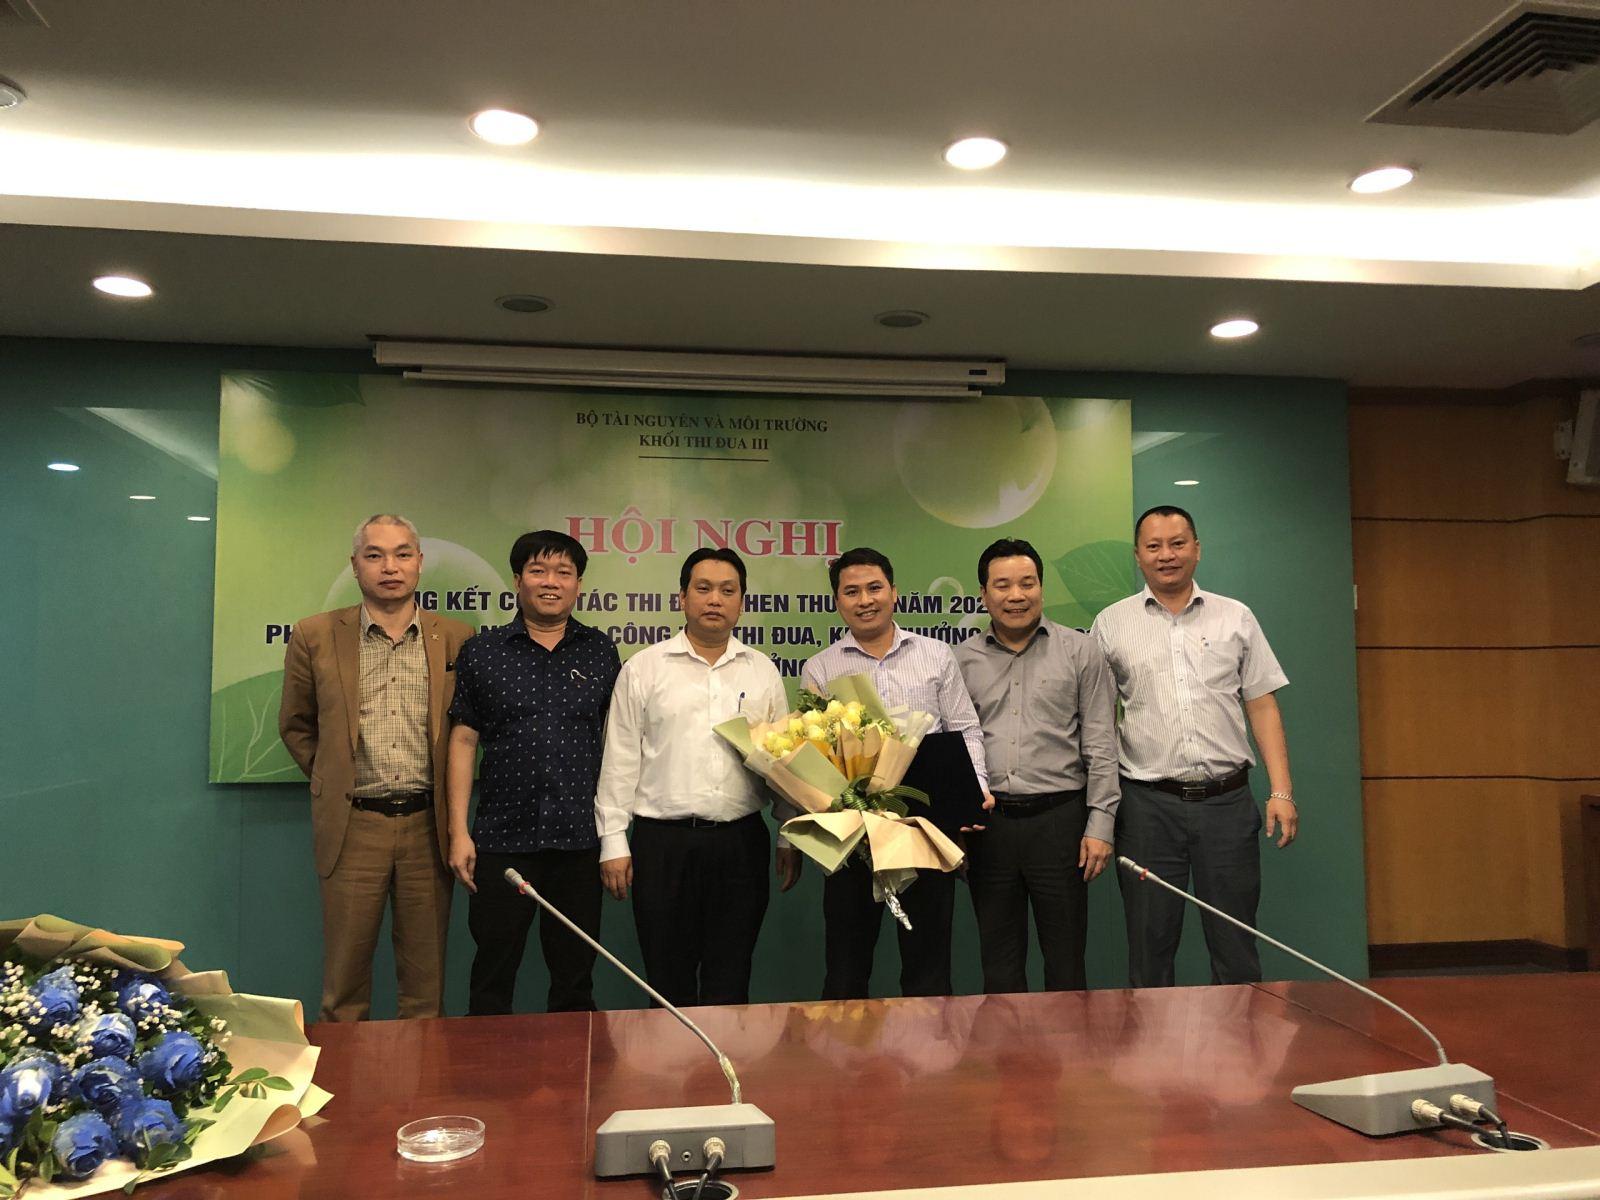 Giám đốc Trung tâm Tư vấn và Công nghệ môi trường trao quyết định bổ nhiệm Phó giám đốc Trung tâm Tư vấn và Kỹ thuật môi trường